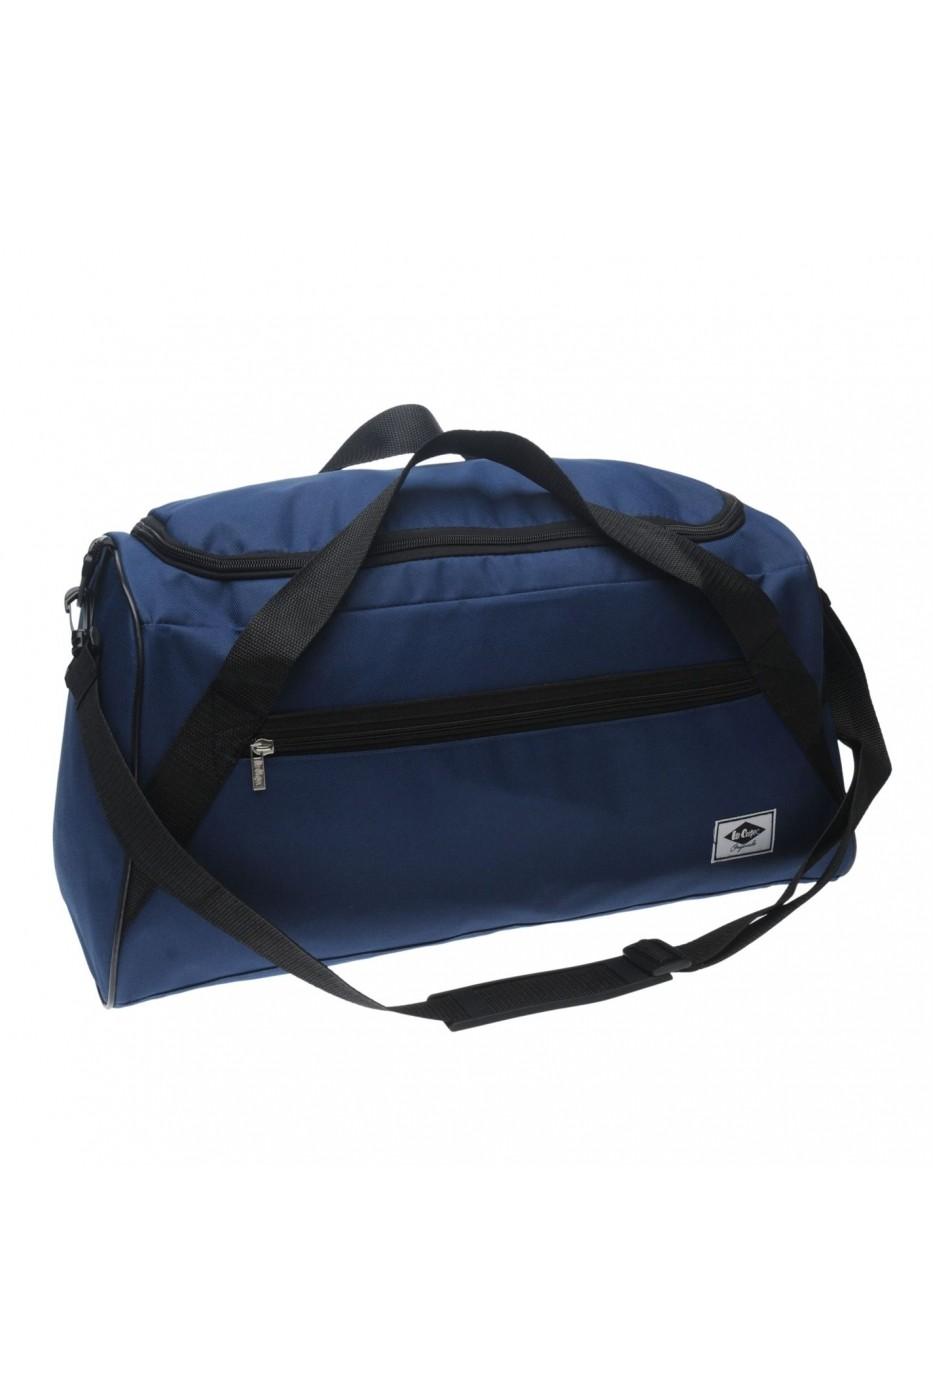 d2d748440b35 Lee Cooper Sportos táska ARC-70950822 Sötétkék - FashionUP!